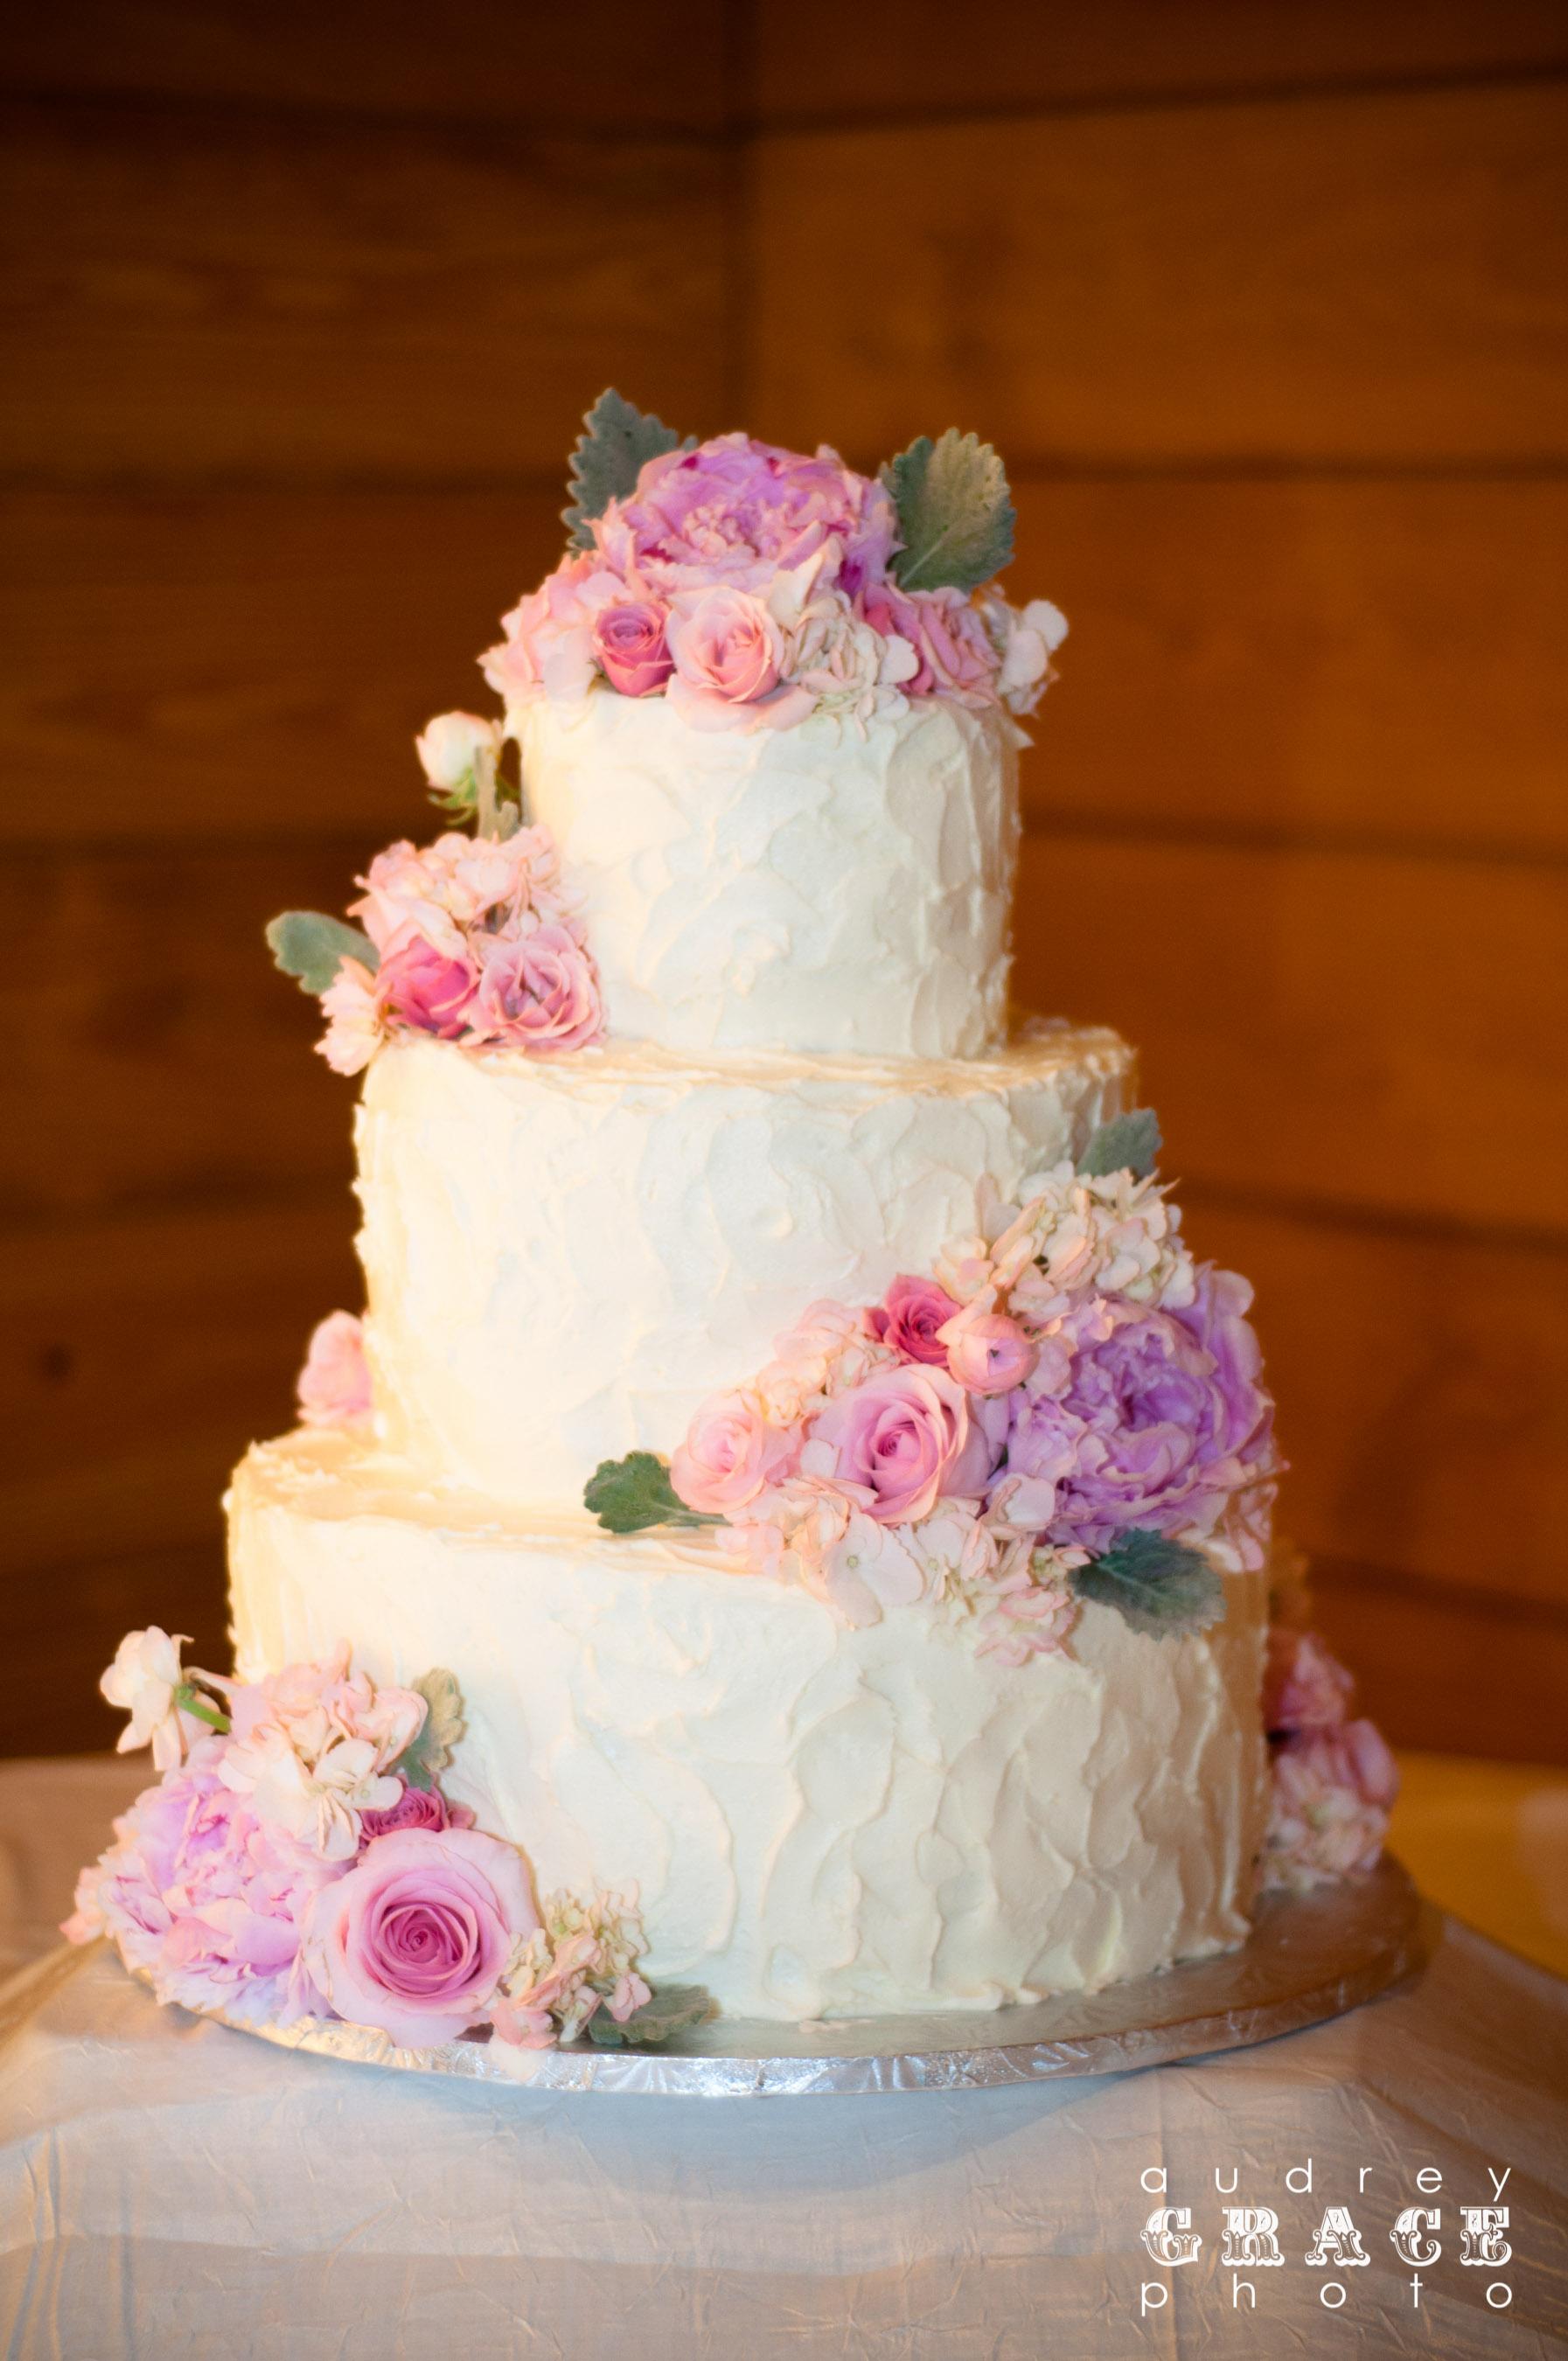 Kara & Dustin's wedding cake